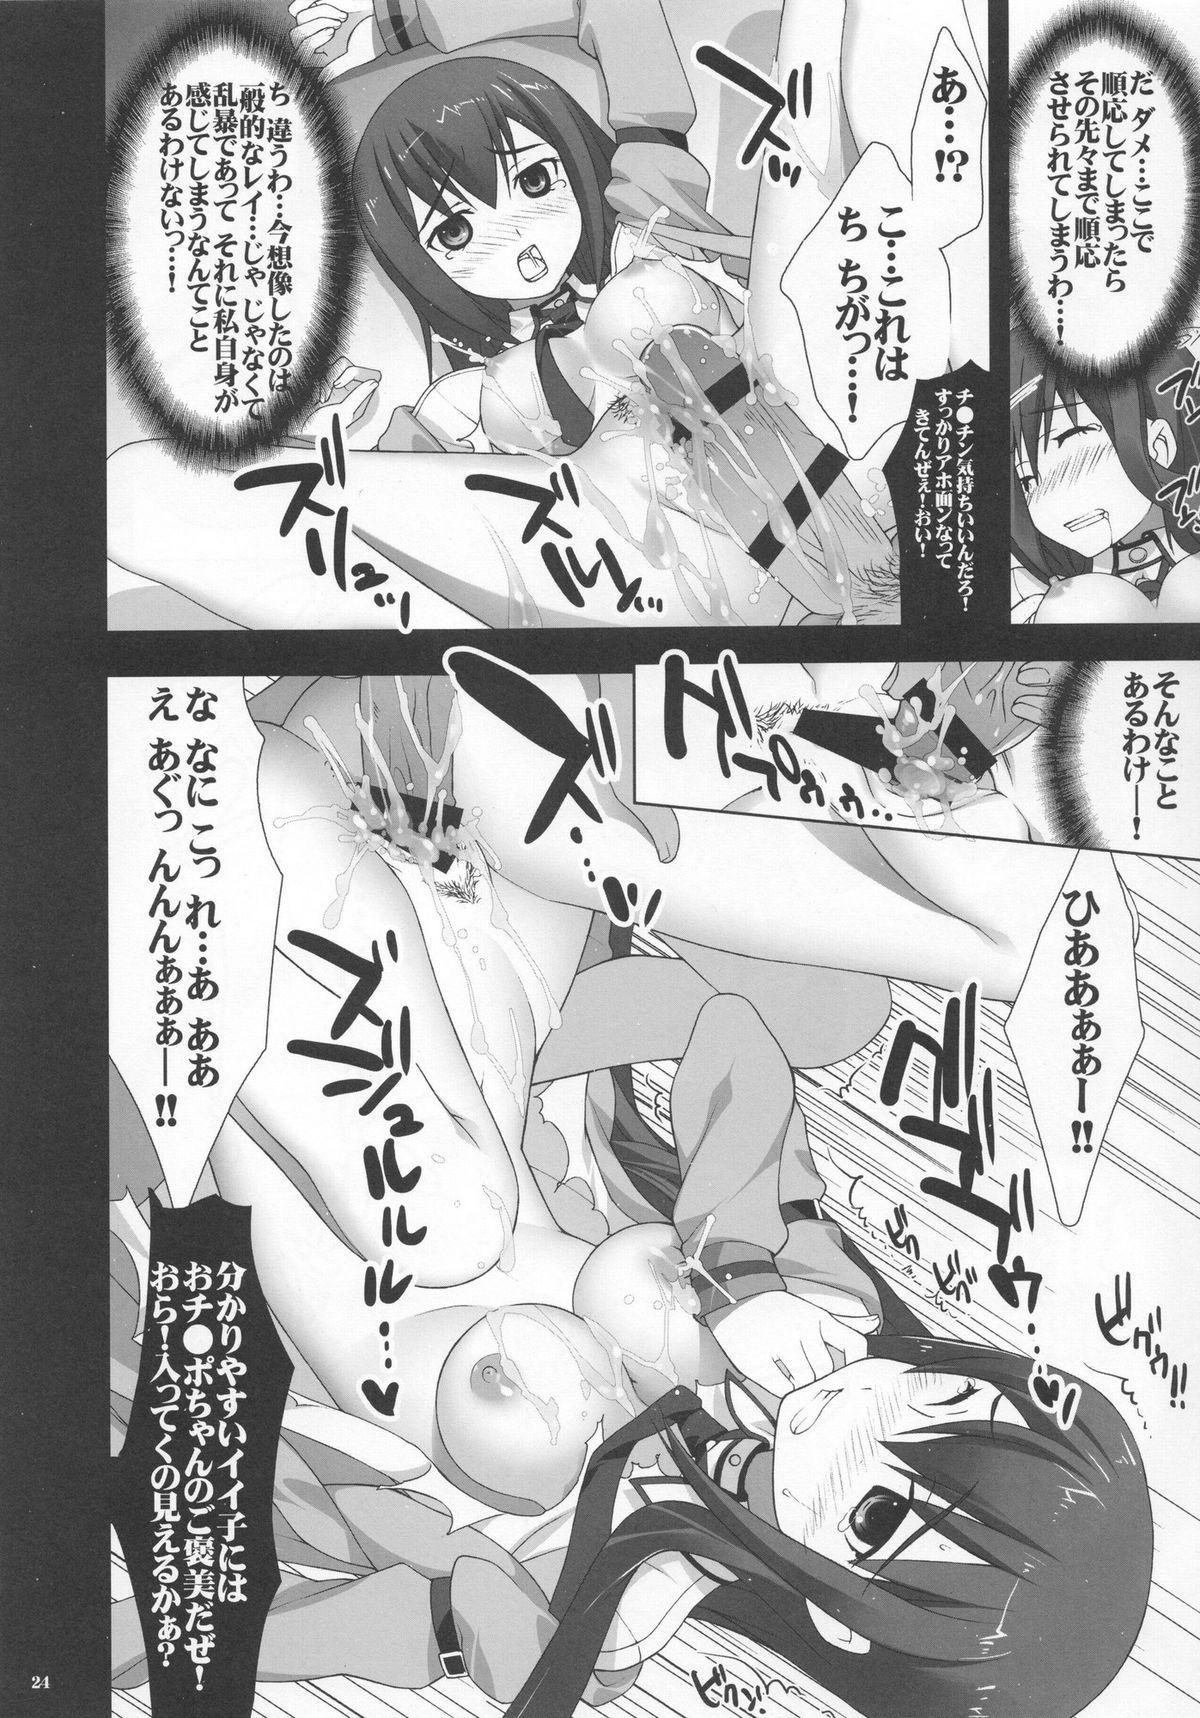 Nikuyoku Gadget Kenkyuujo 22